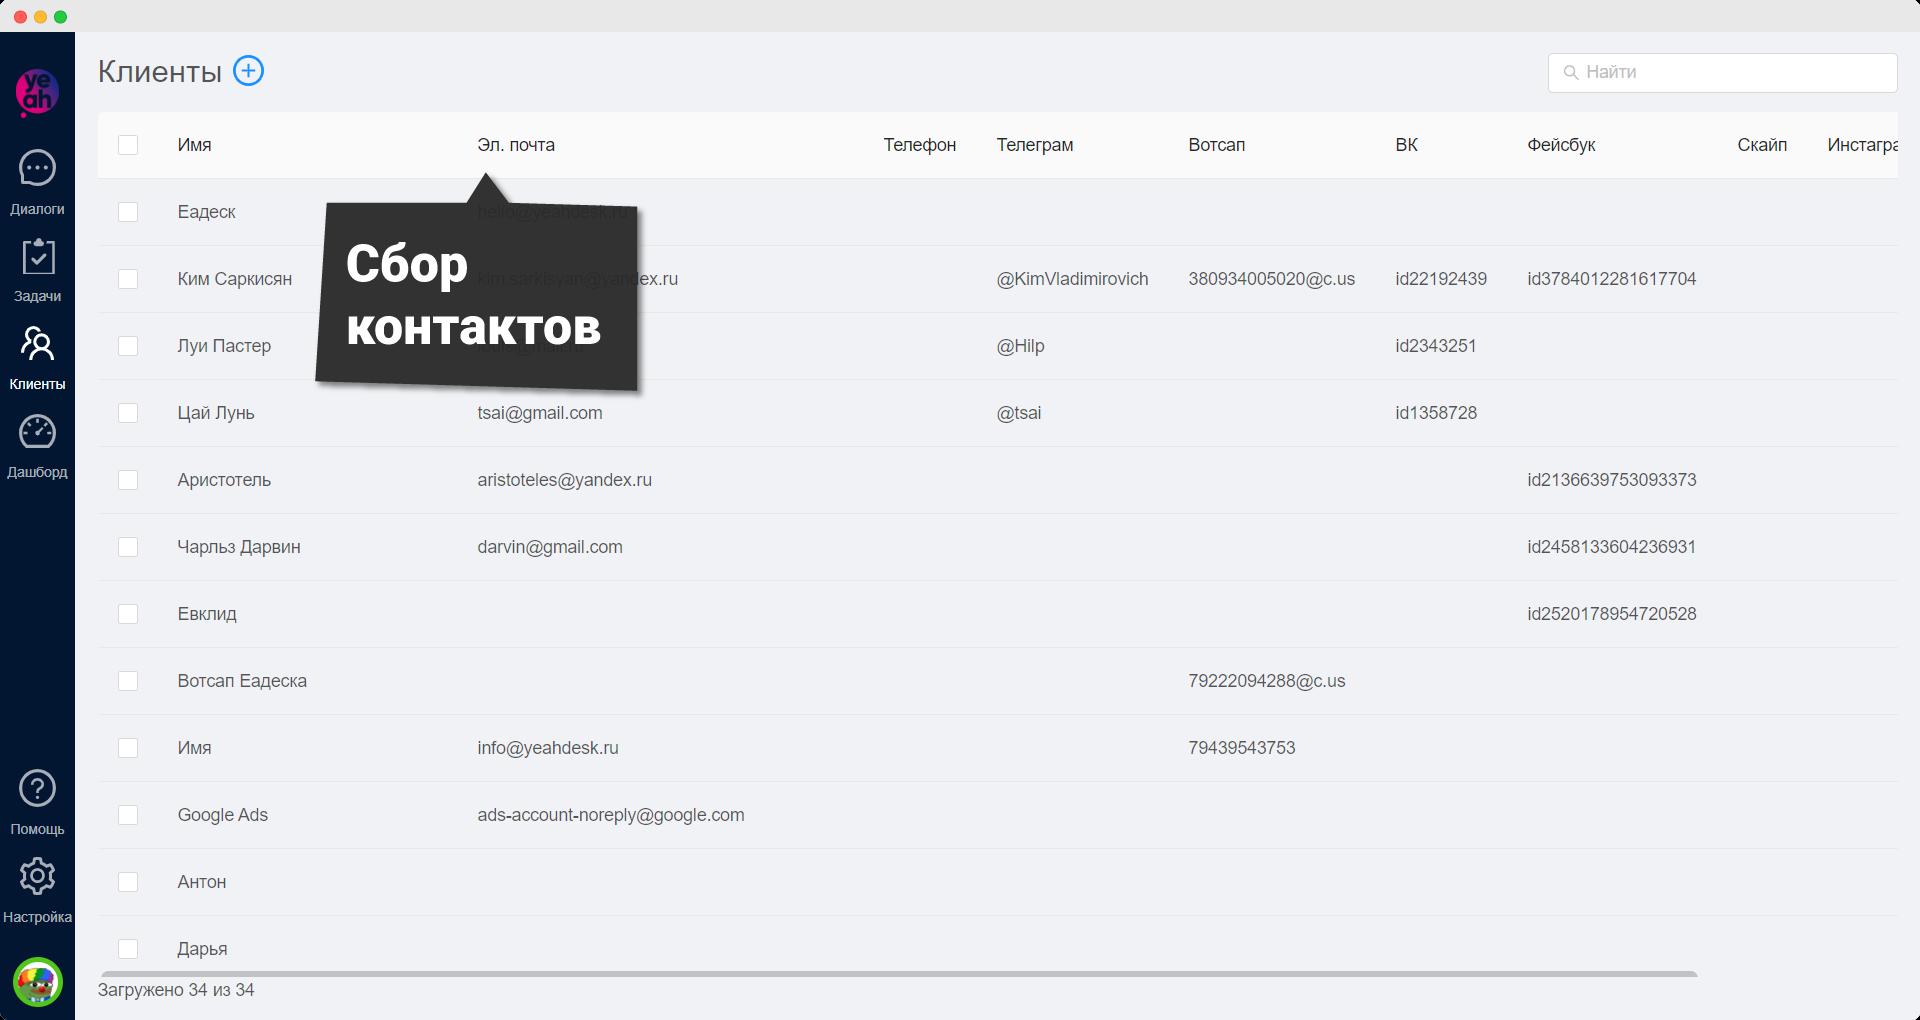 Пример базы клиентов в интерфейсе CRM Еадеска